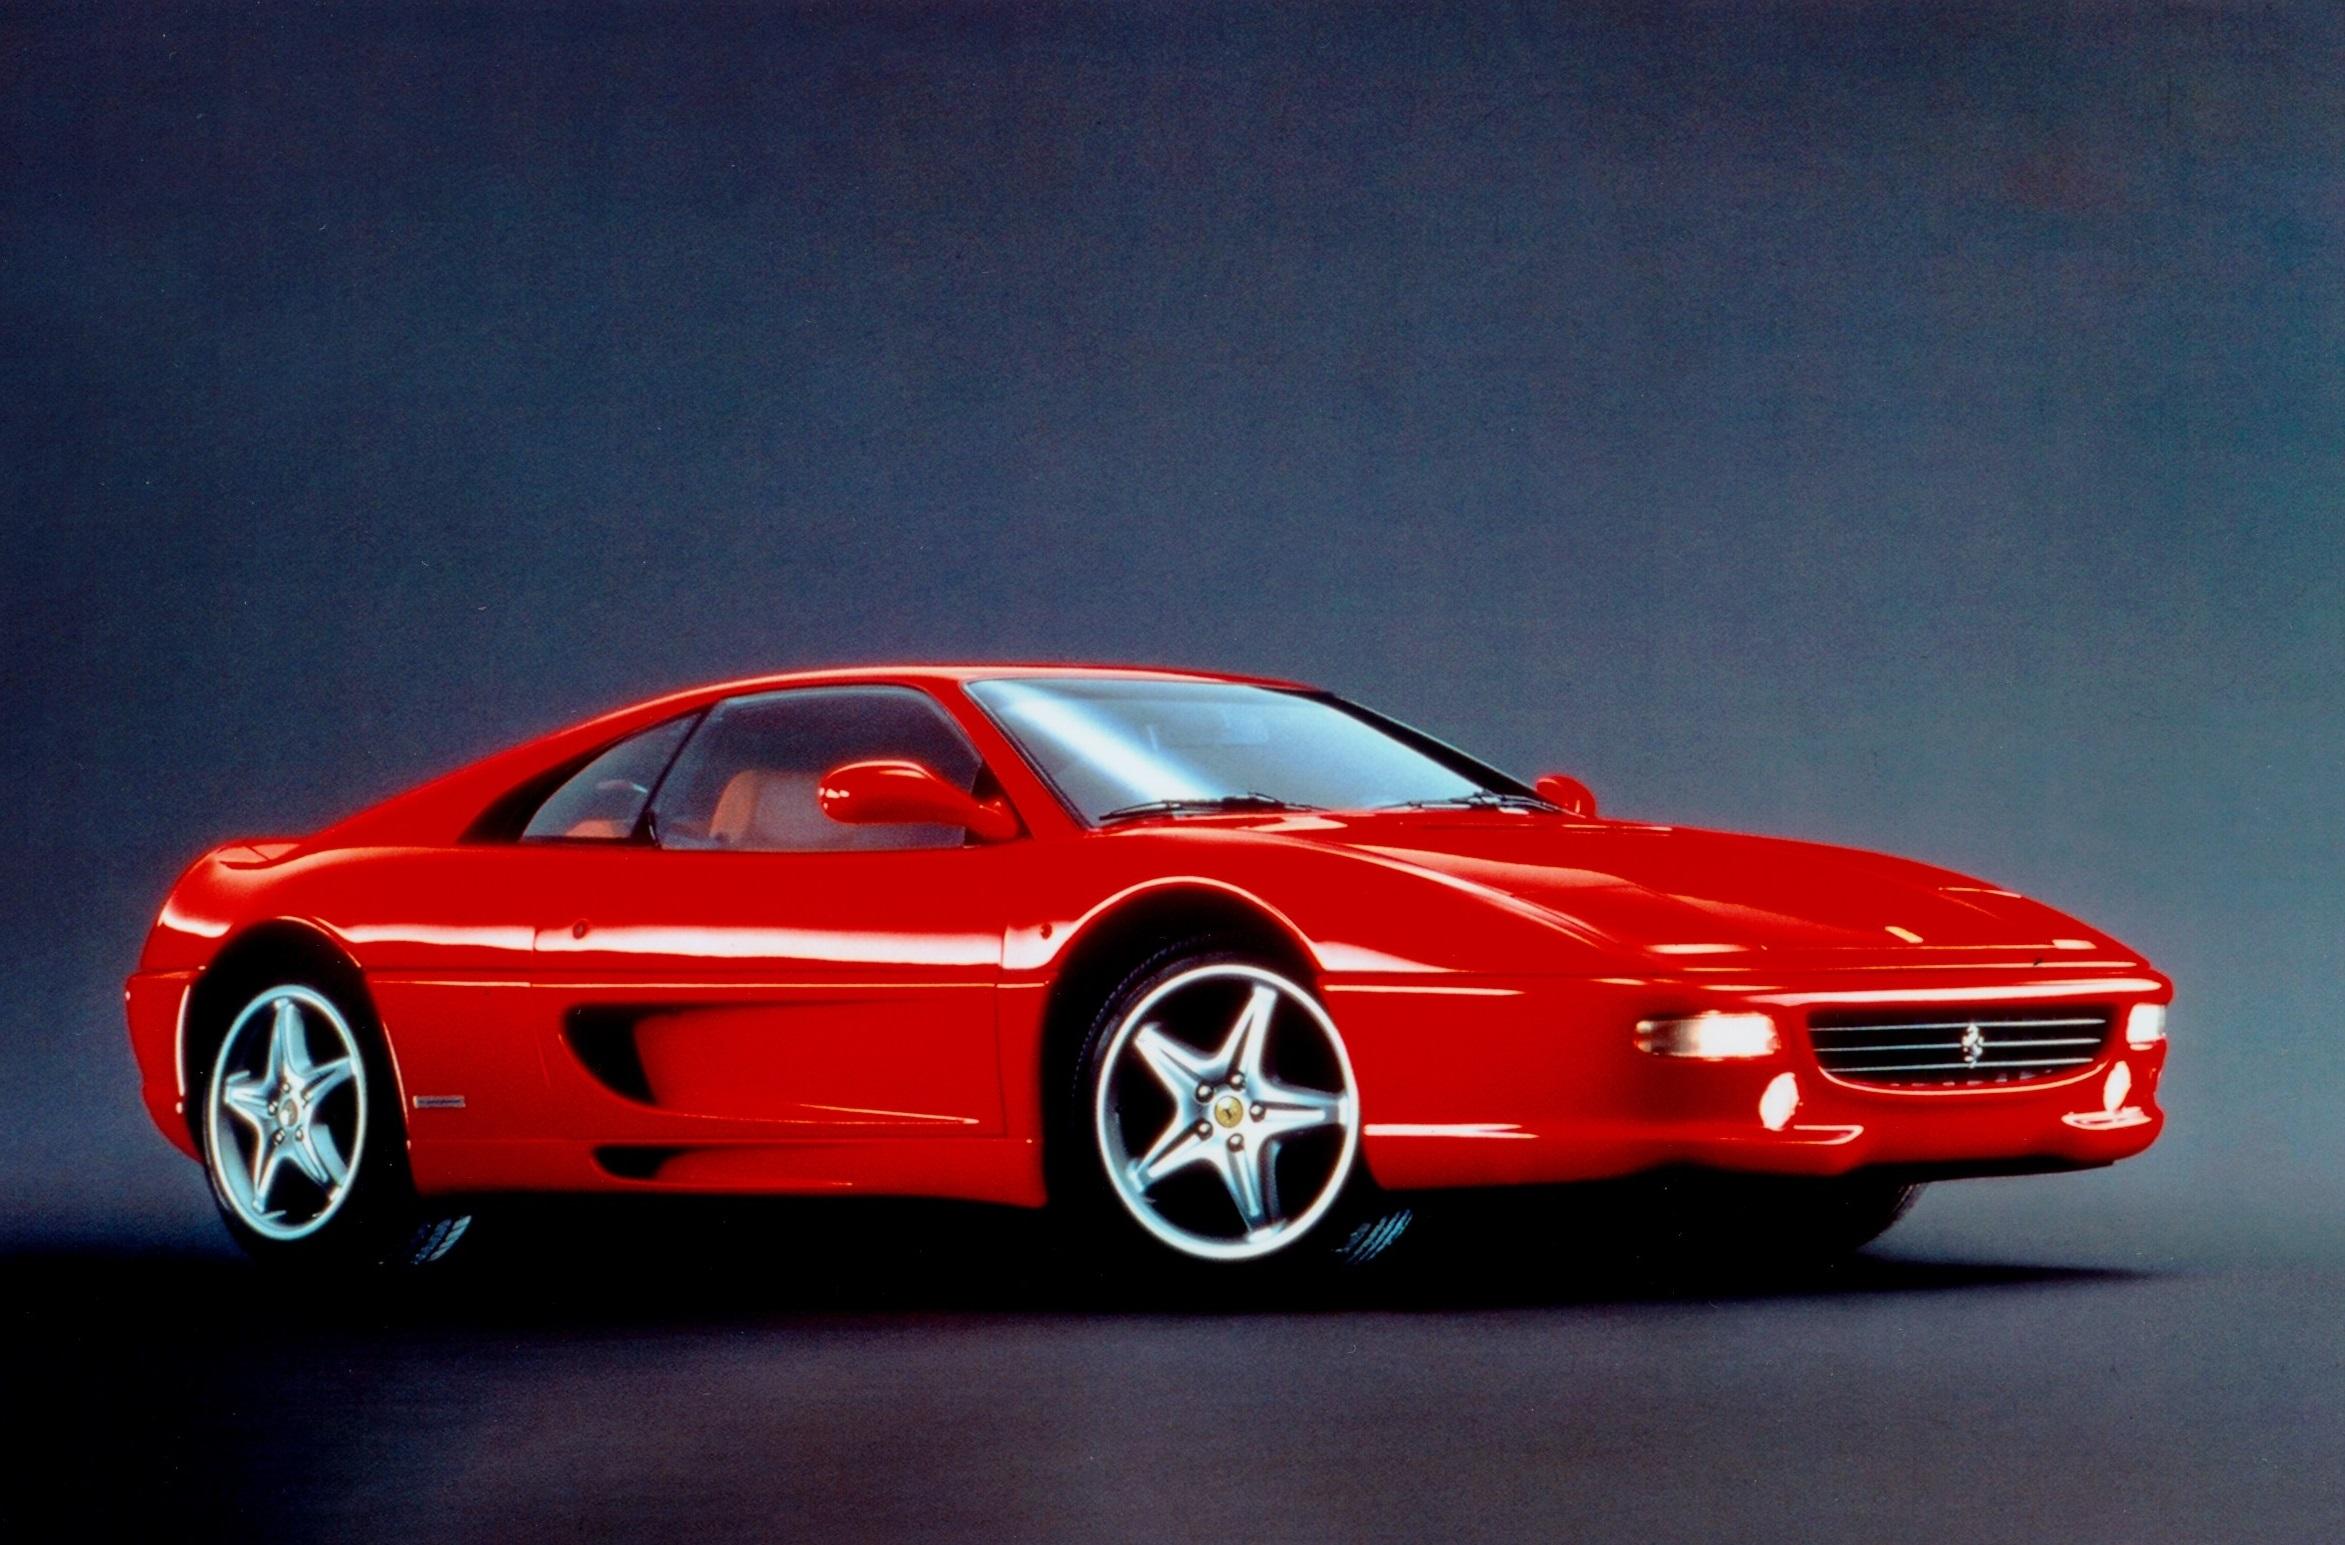 Red 1990s Ferrari F355